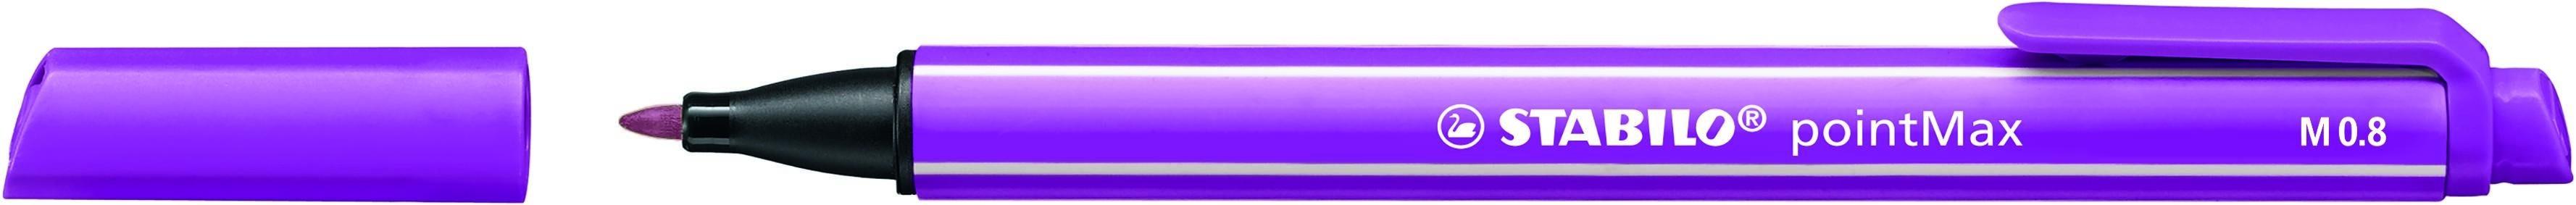 STABILO pointMax - Feutre d'écriture - pointe moyenne - lilas